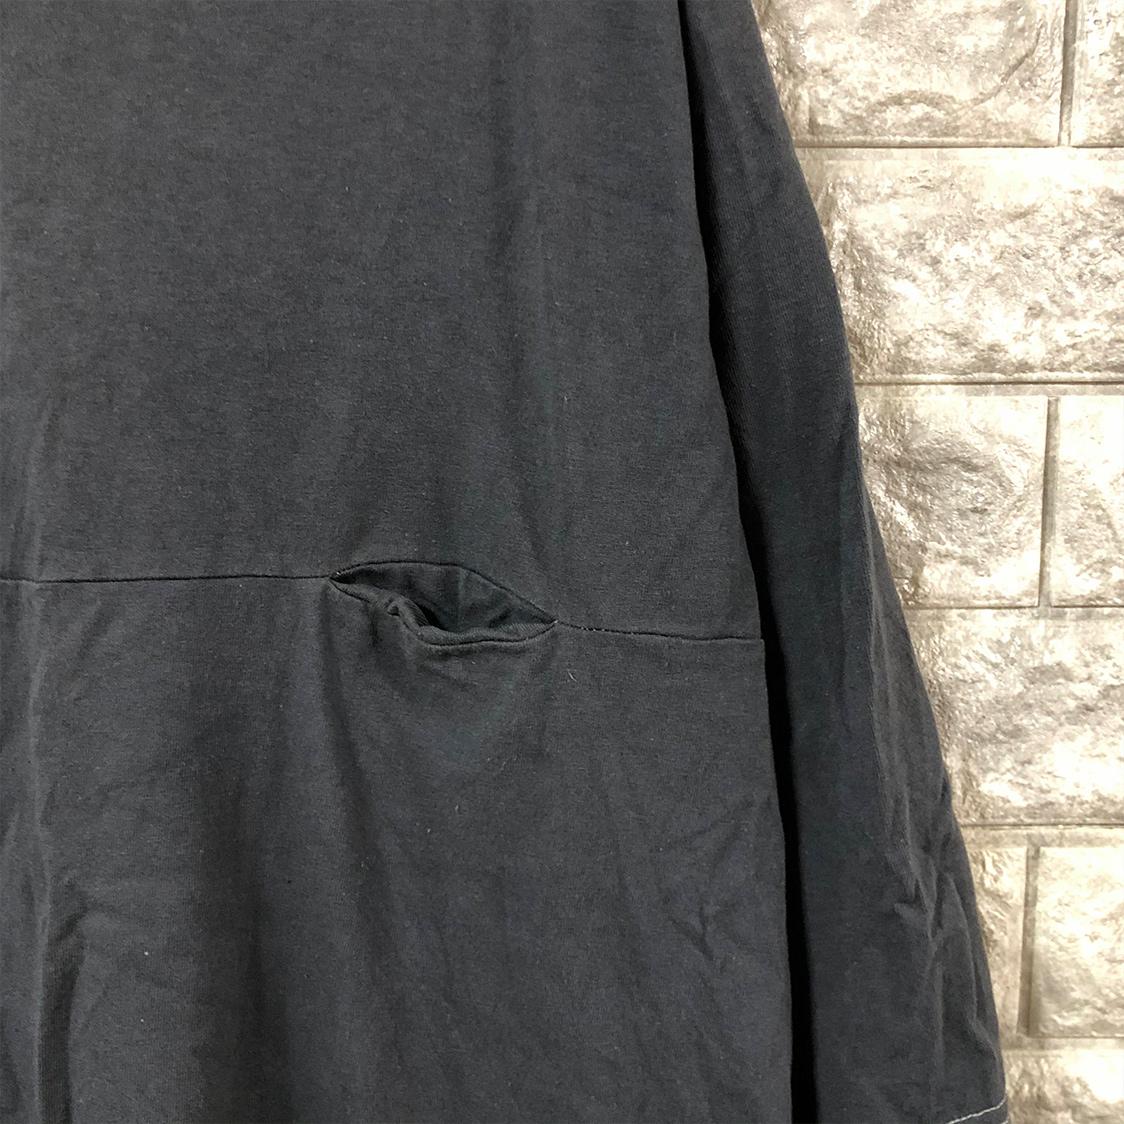 EEL (Easy Earl Life) Products イーイーエル イージーアールライフ プロダクツ 【Mサイズ】 7分袖丈 ポケット付き Tシャツ カットソー チャコールグレー ビッグシルエット